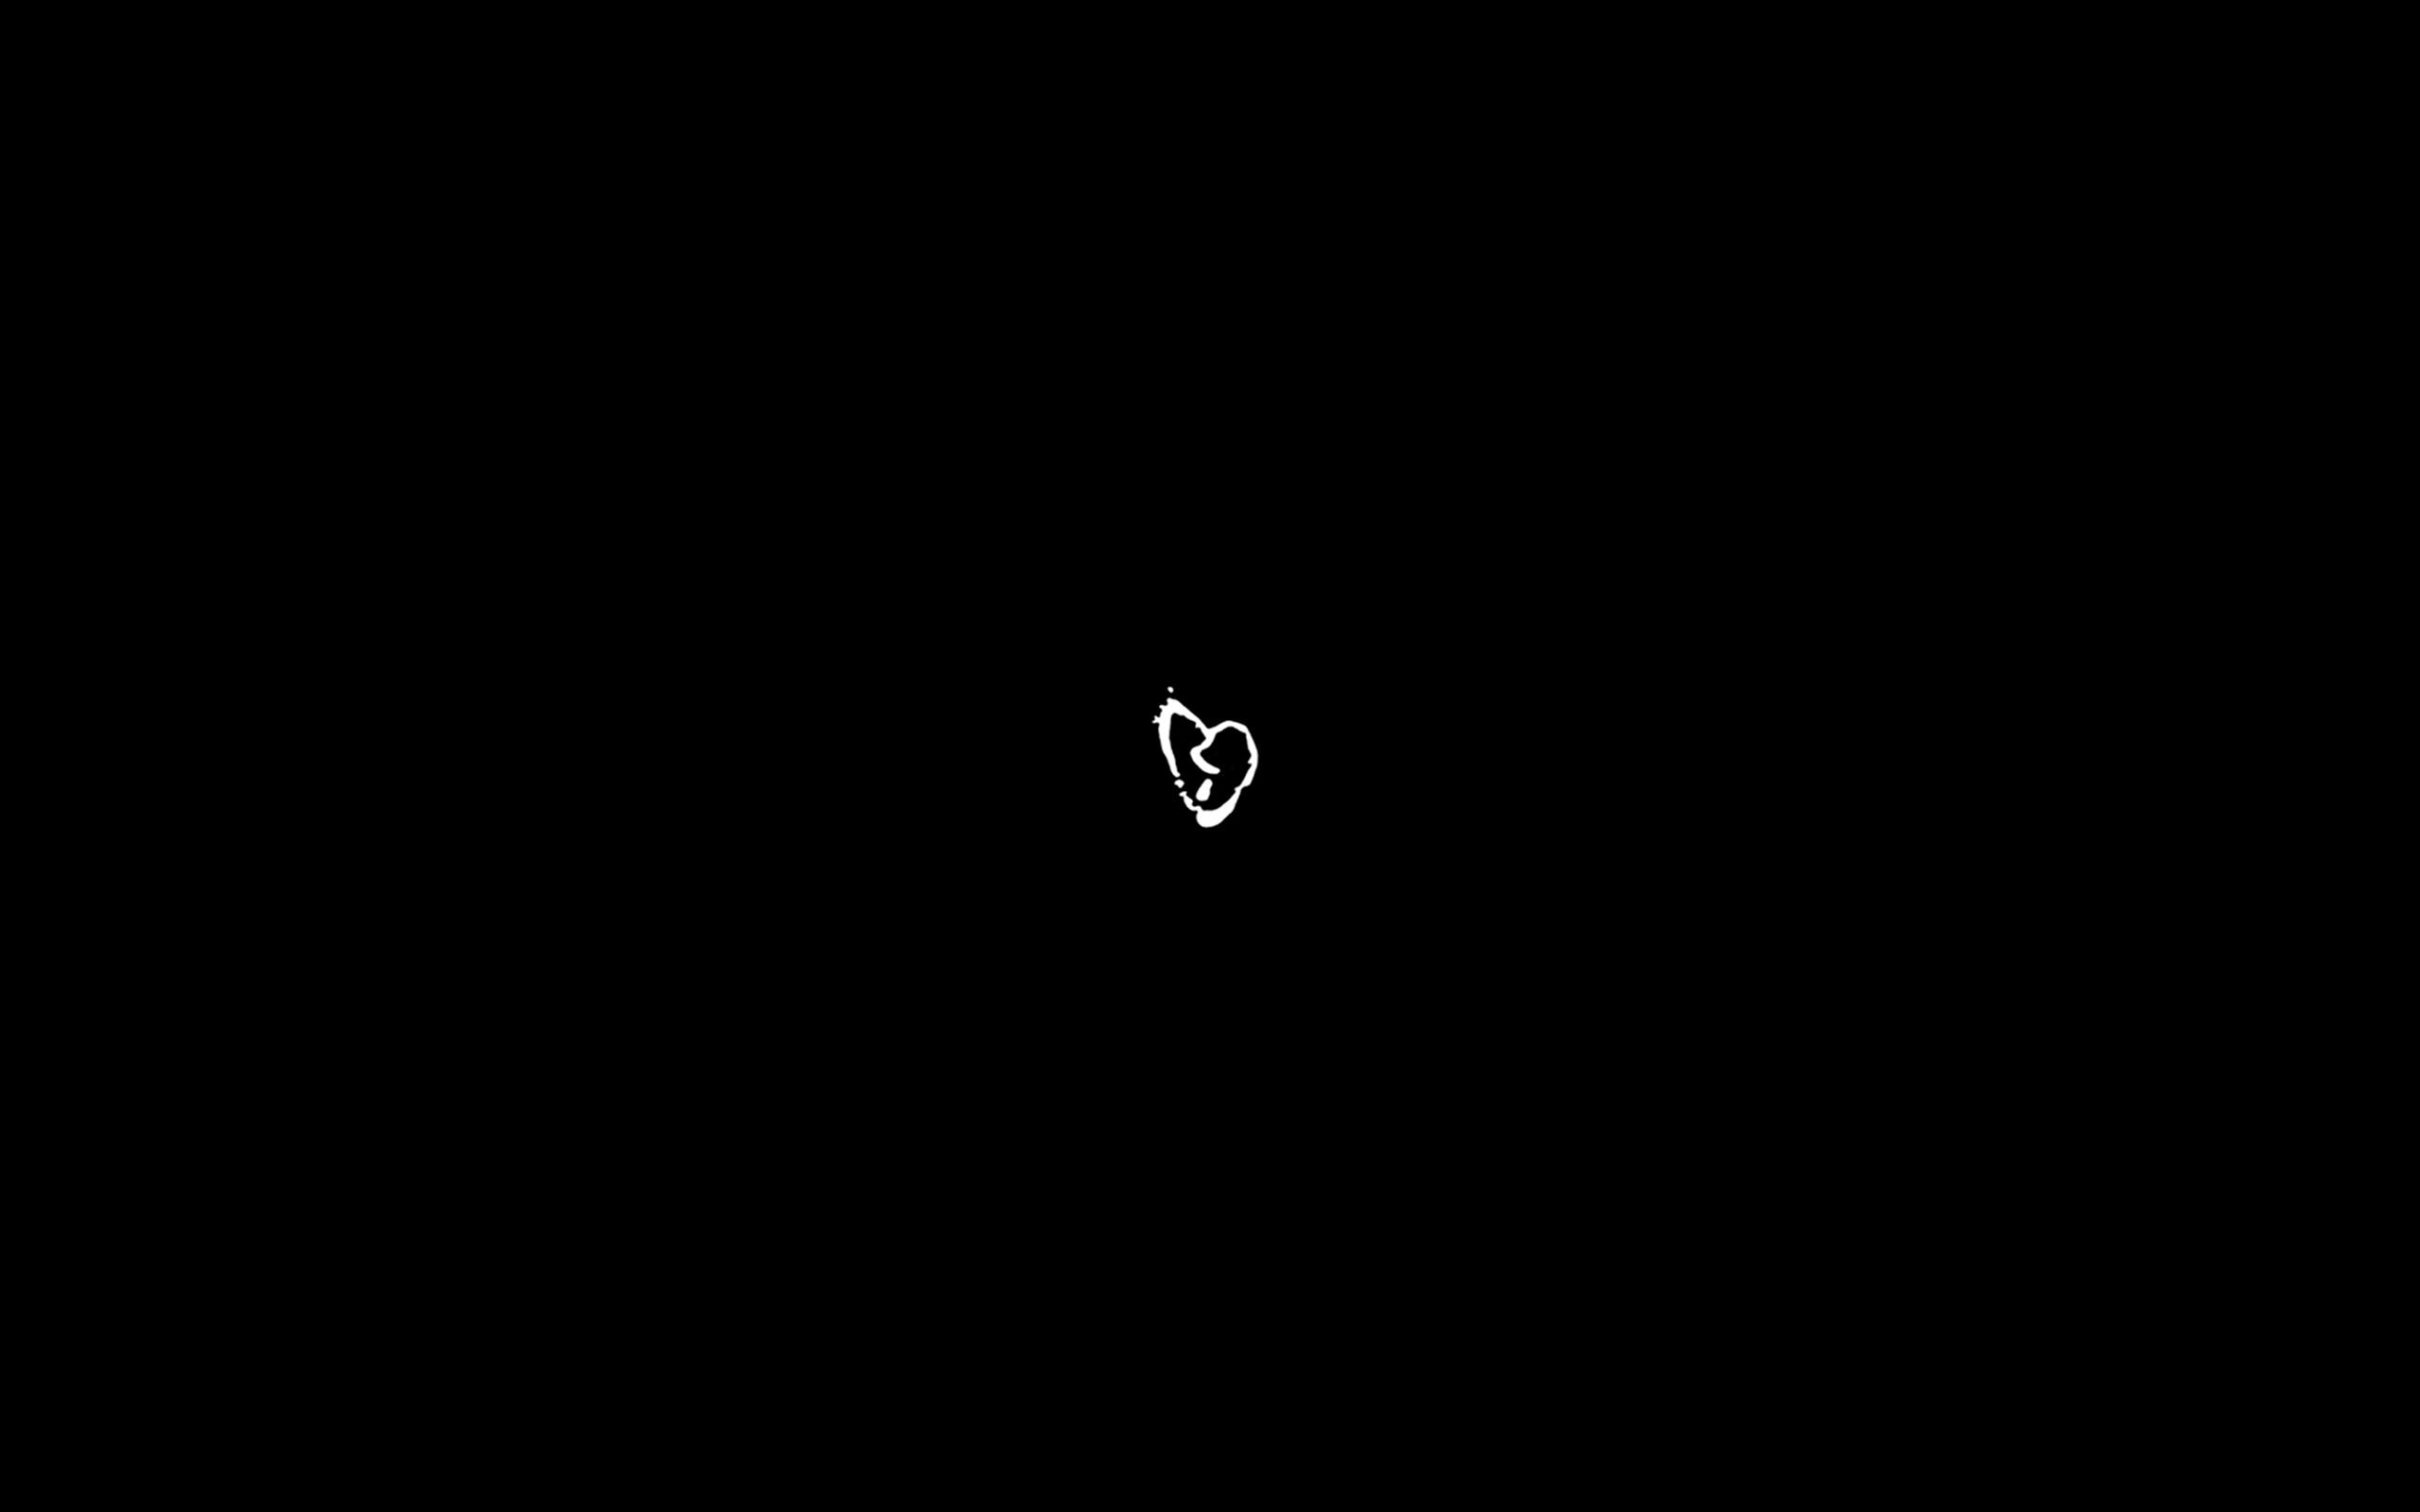 1920x1080 Hd Images Of Broken Heart Quotes Best